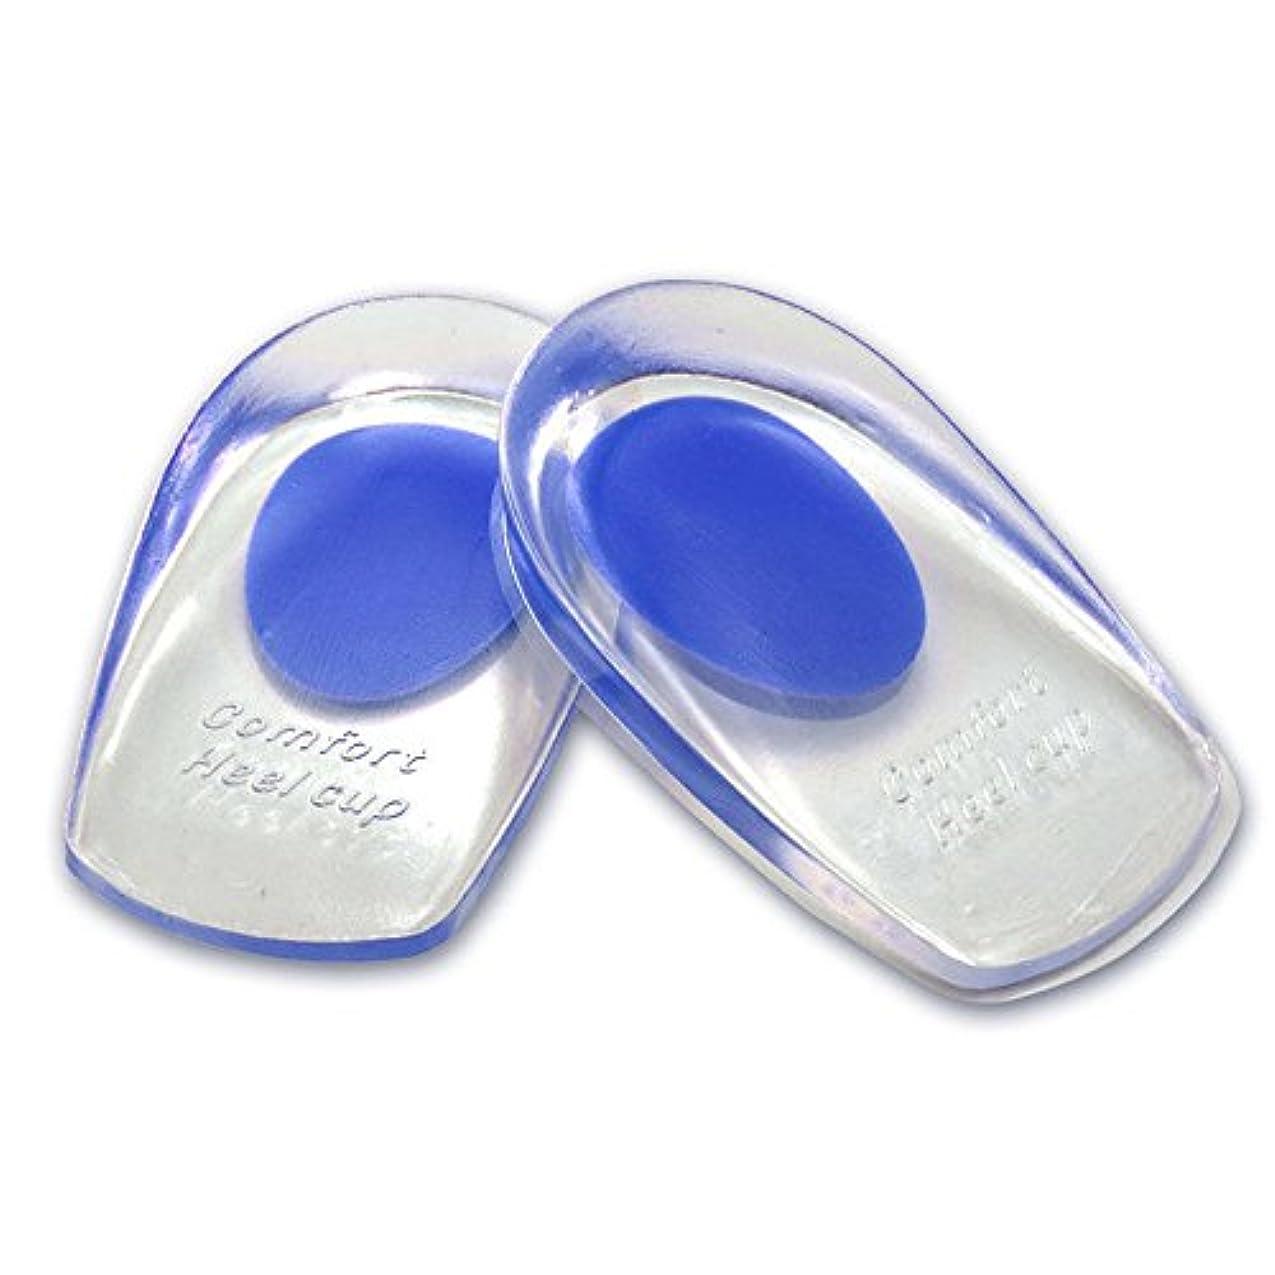 遠征身元比較的シリコンヒールカップ かかとの痛み防止に ソフトシリコン製 インソールクッション 衝撃緩和 立体形状 フィット感抜群 FMTMXCA2S (ブルー(靴サイズ24.5~27.5cm用))